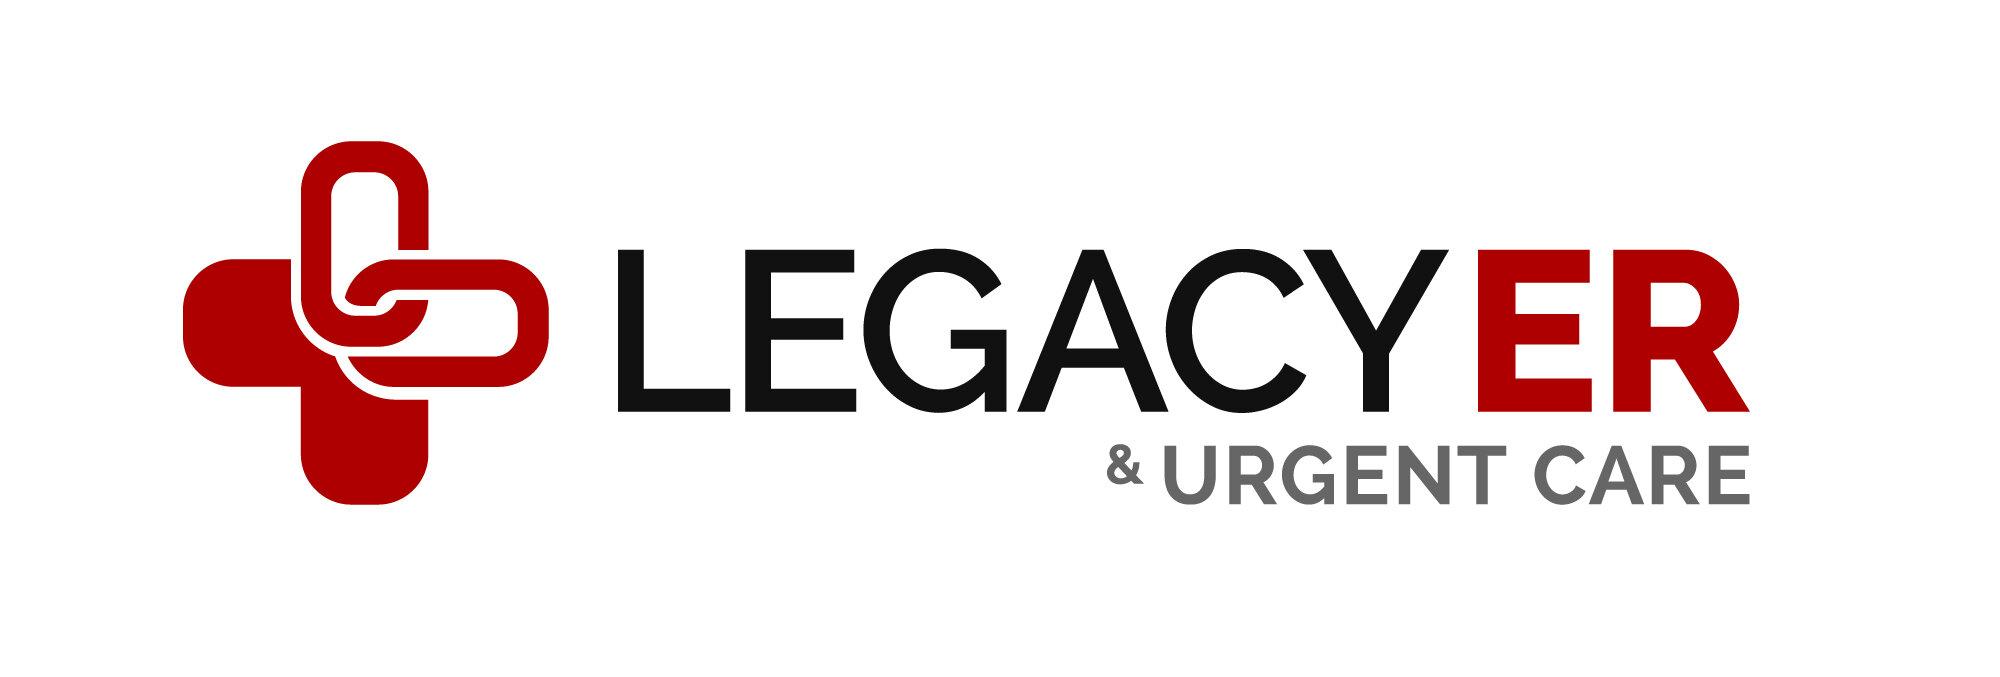 Legacy ER urgent care.jpg